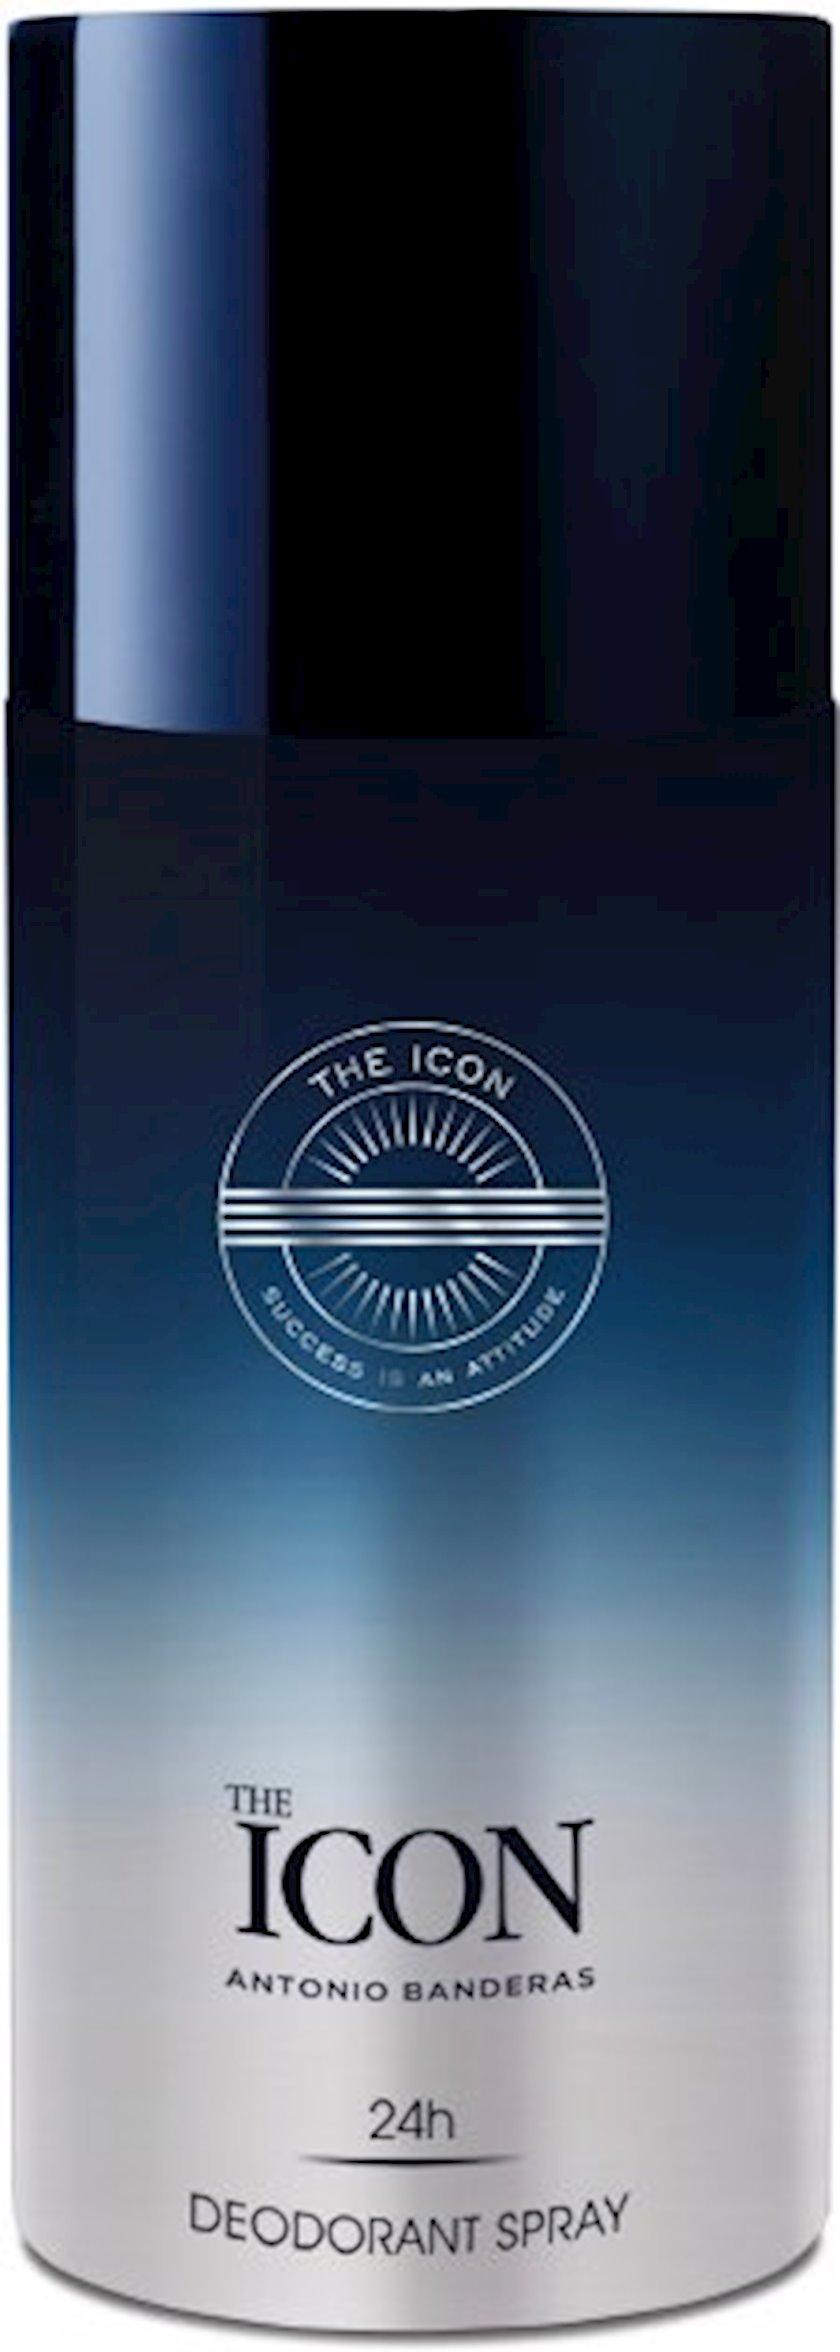 Kişi dezodorantı Antonio Banderas The Icon 24H Deo 150 ml